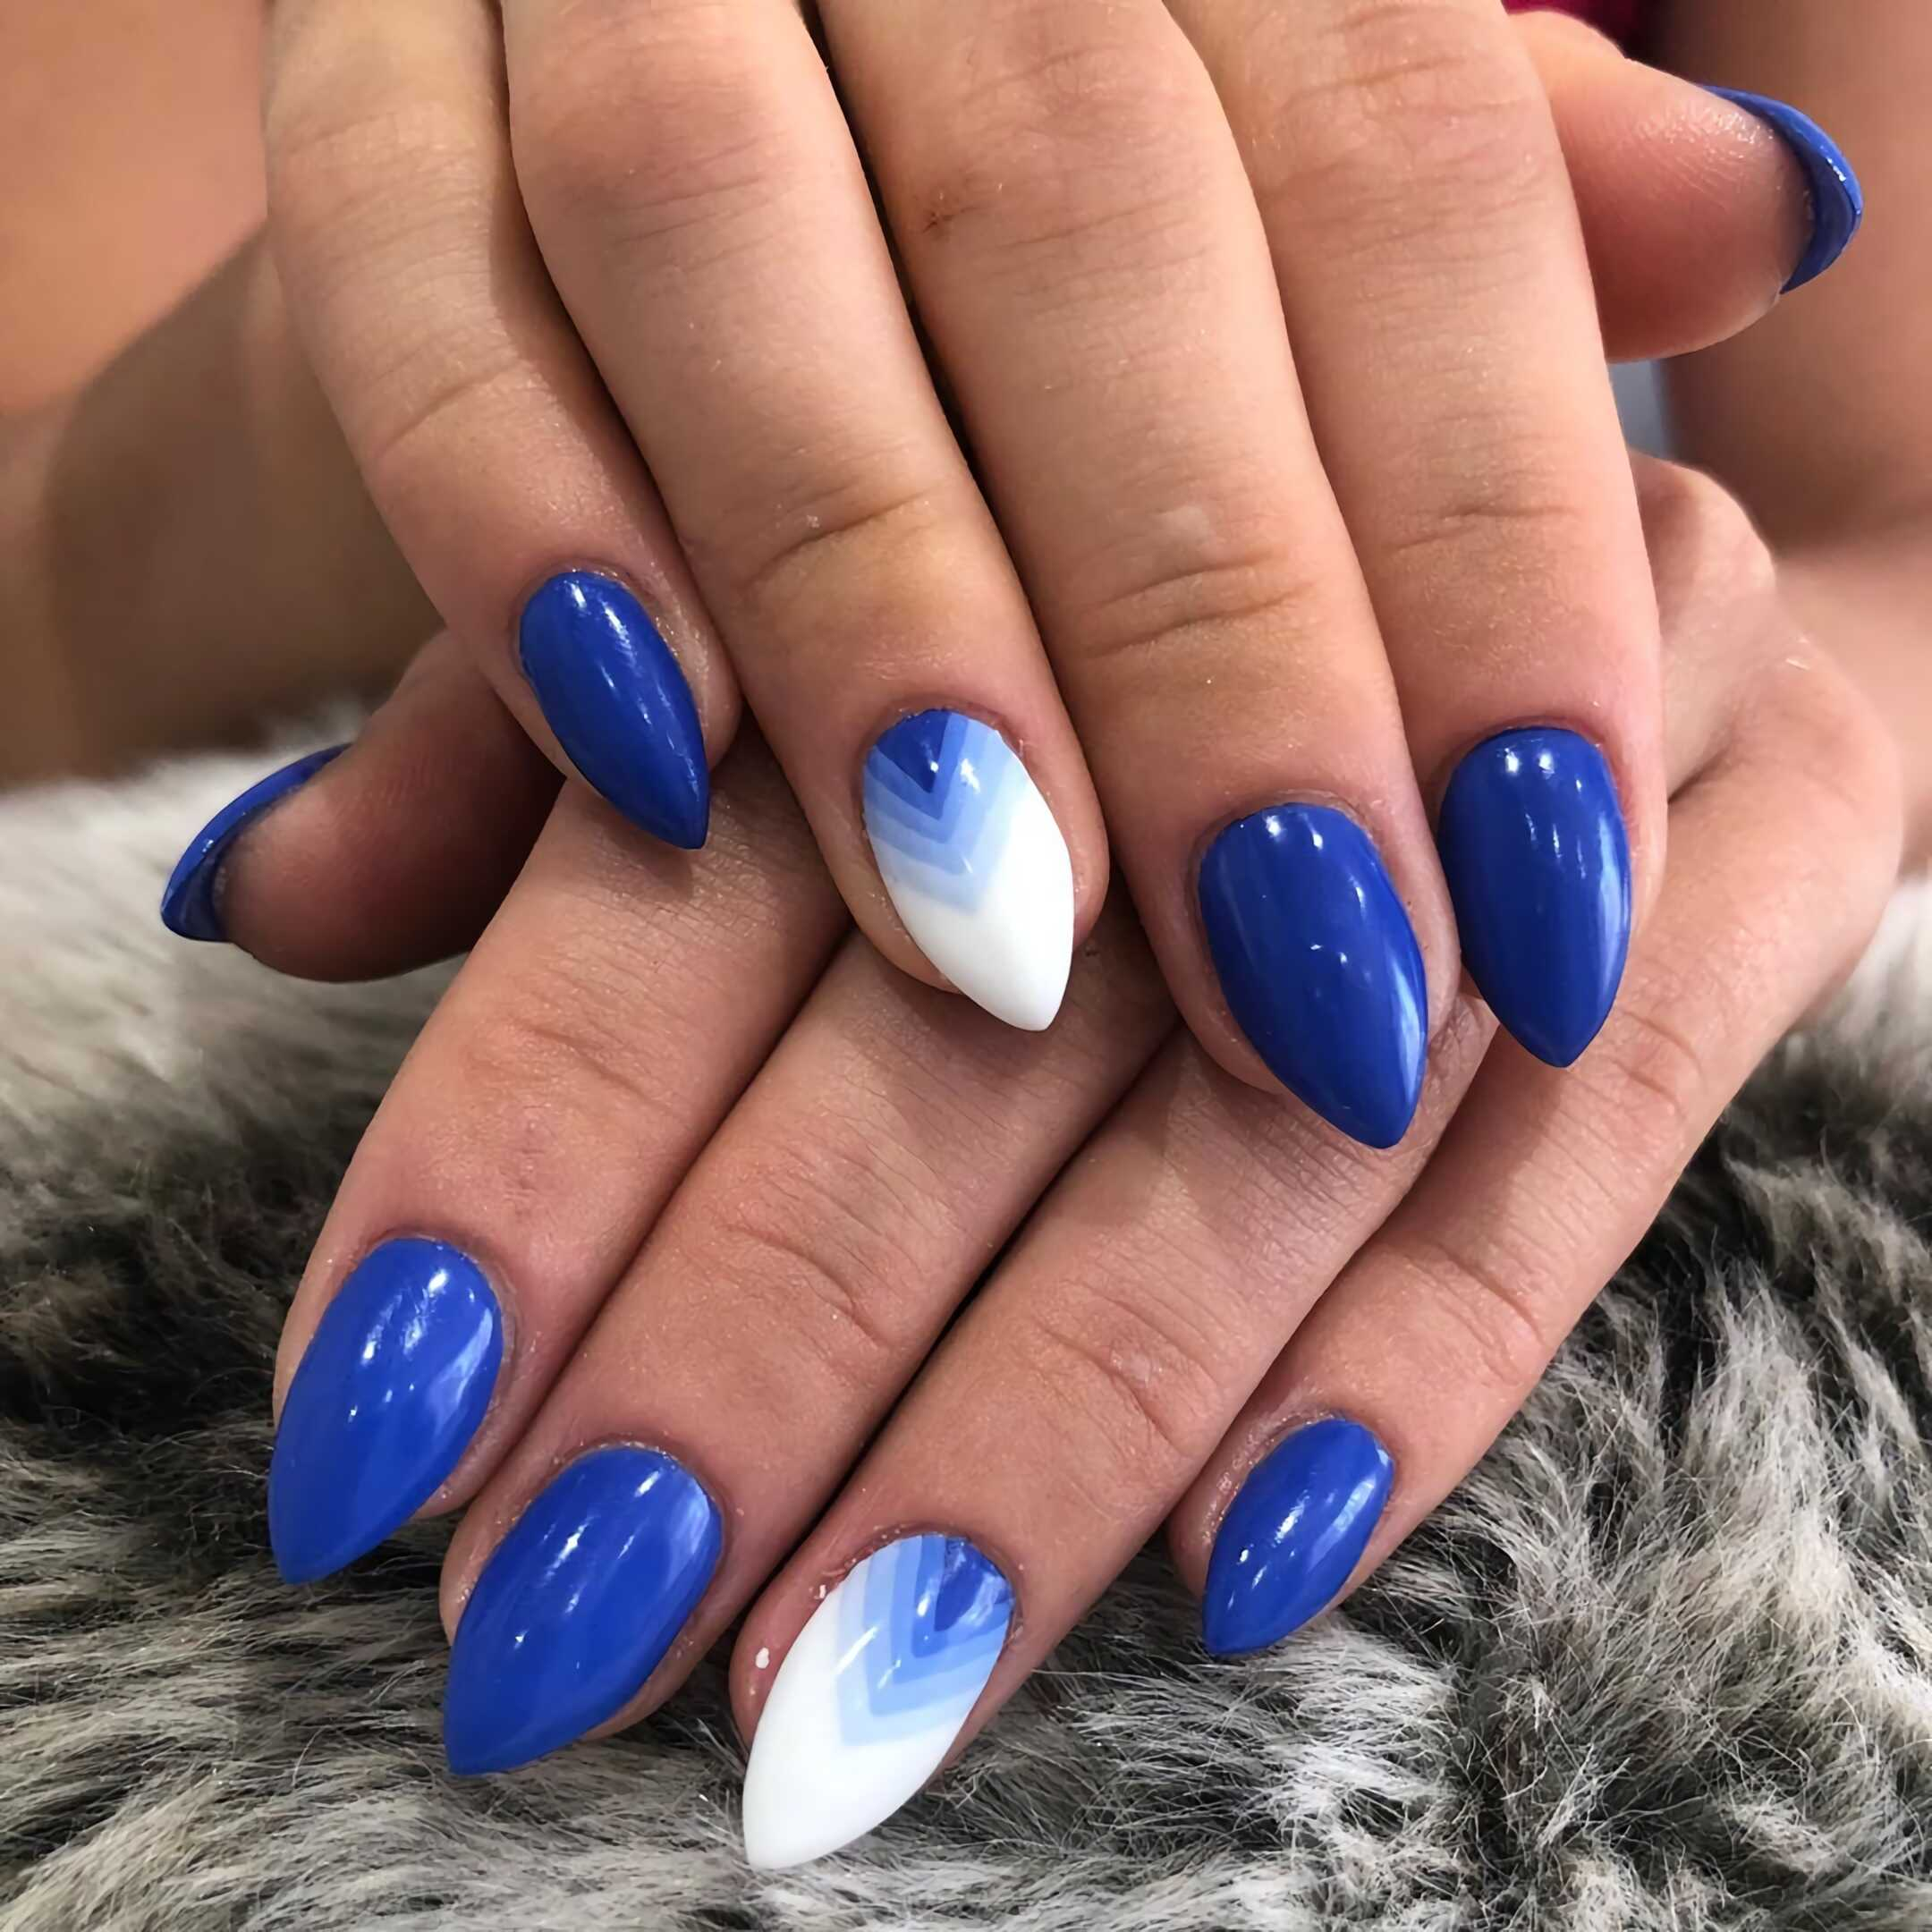 красивый маникюр с белыми и голубыми ногтями